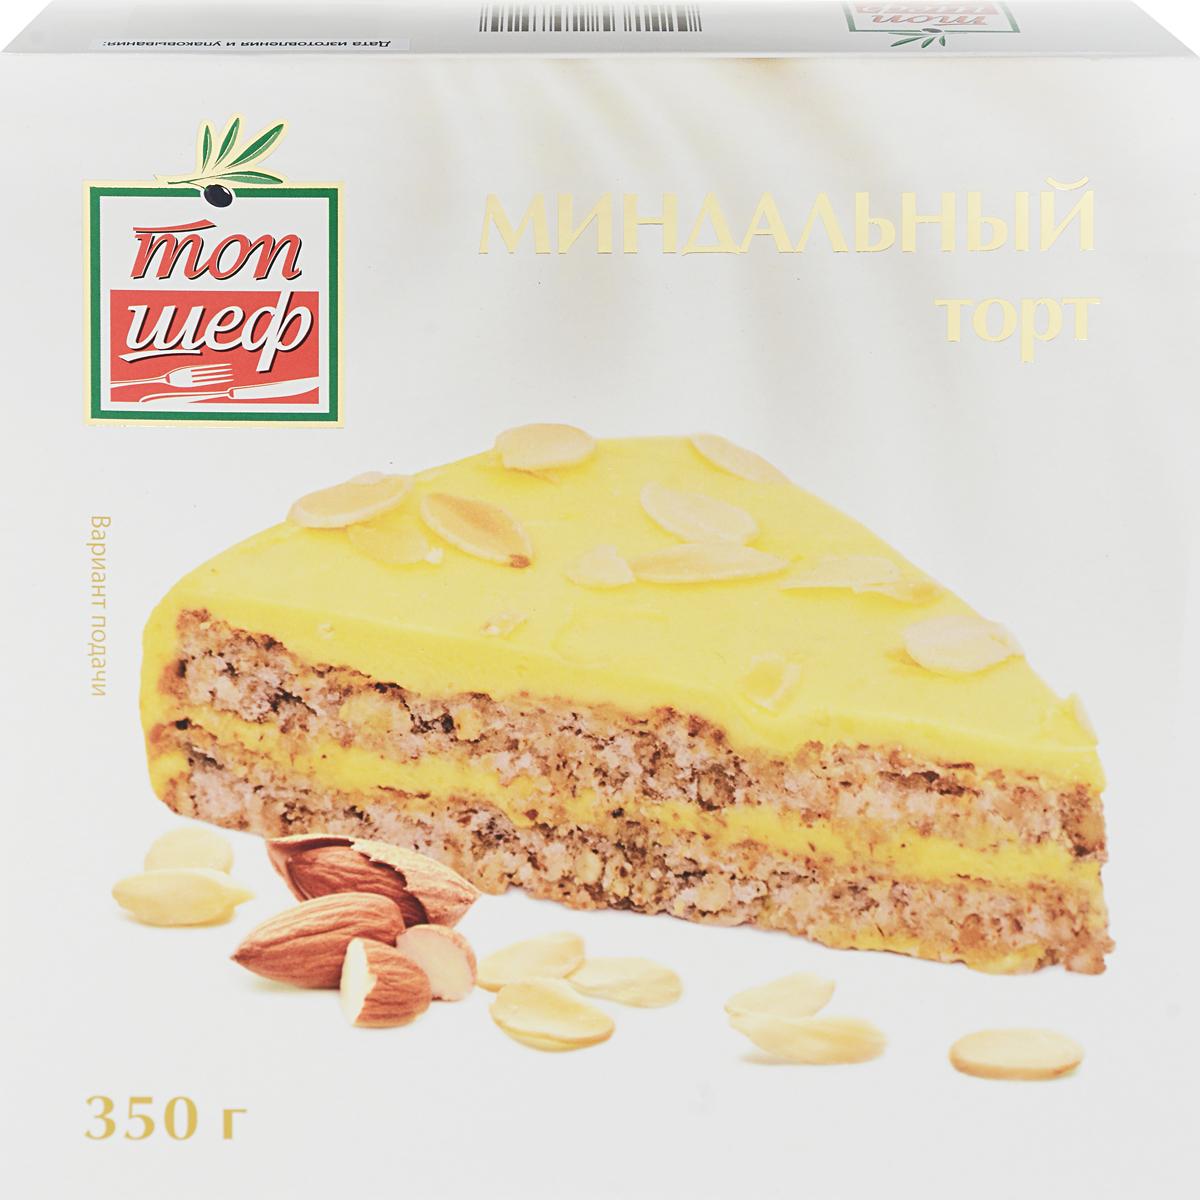 Топ Шеф Торт Миндальный, 350 г пудовъ торт брауни 350 г